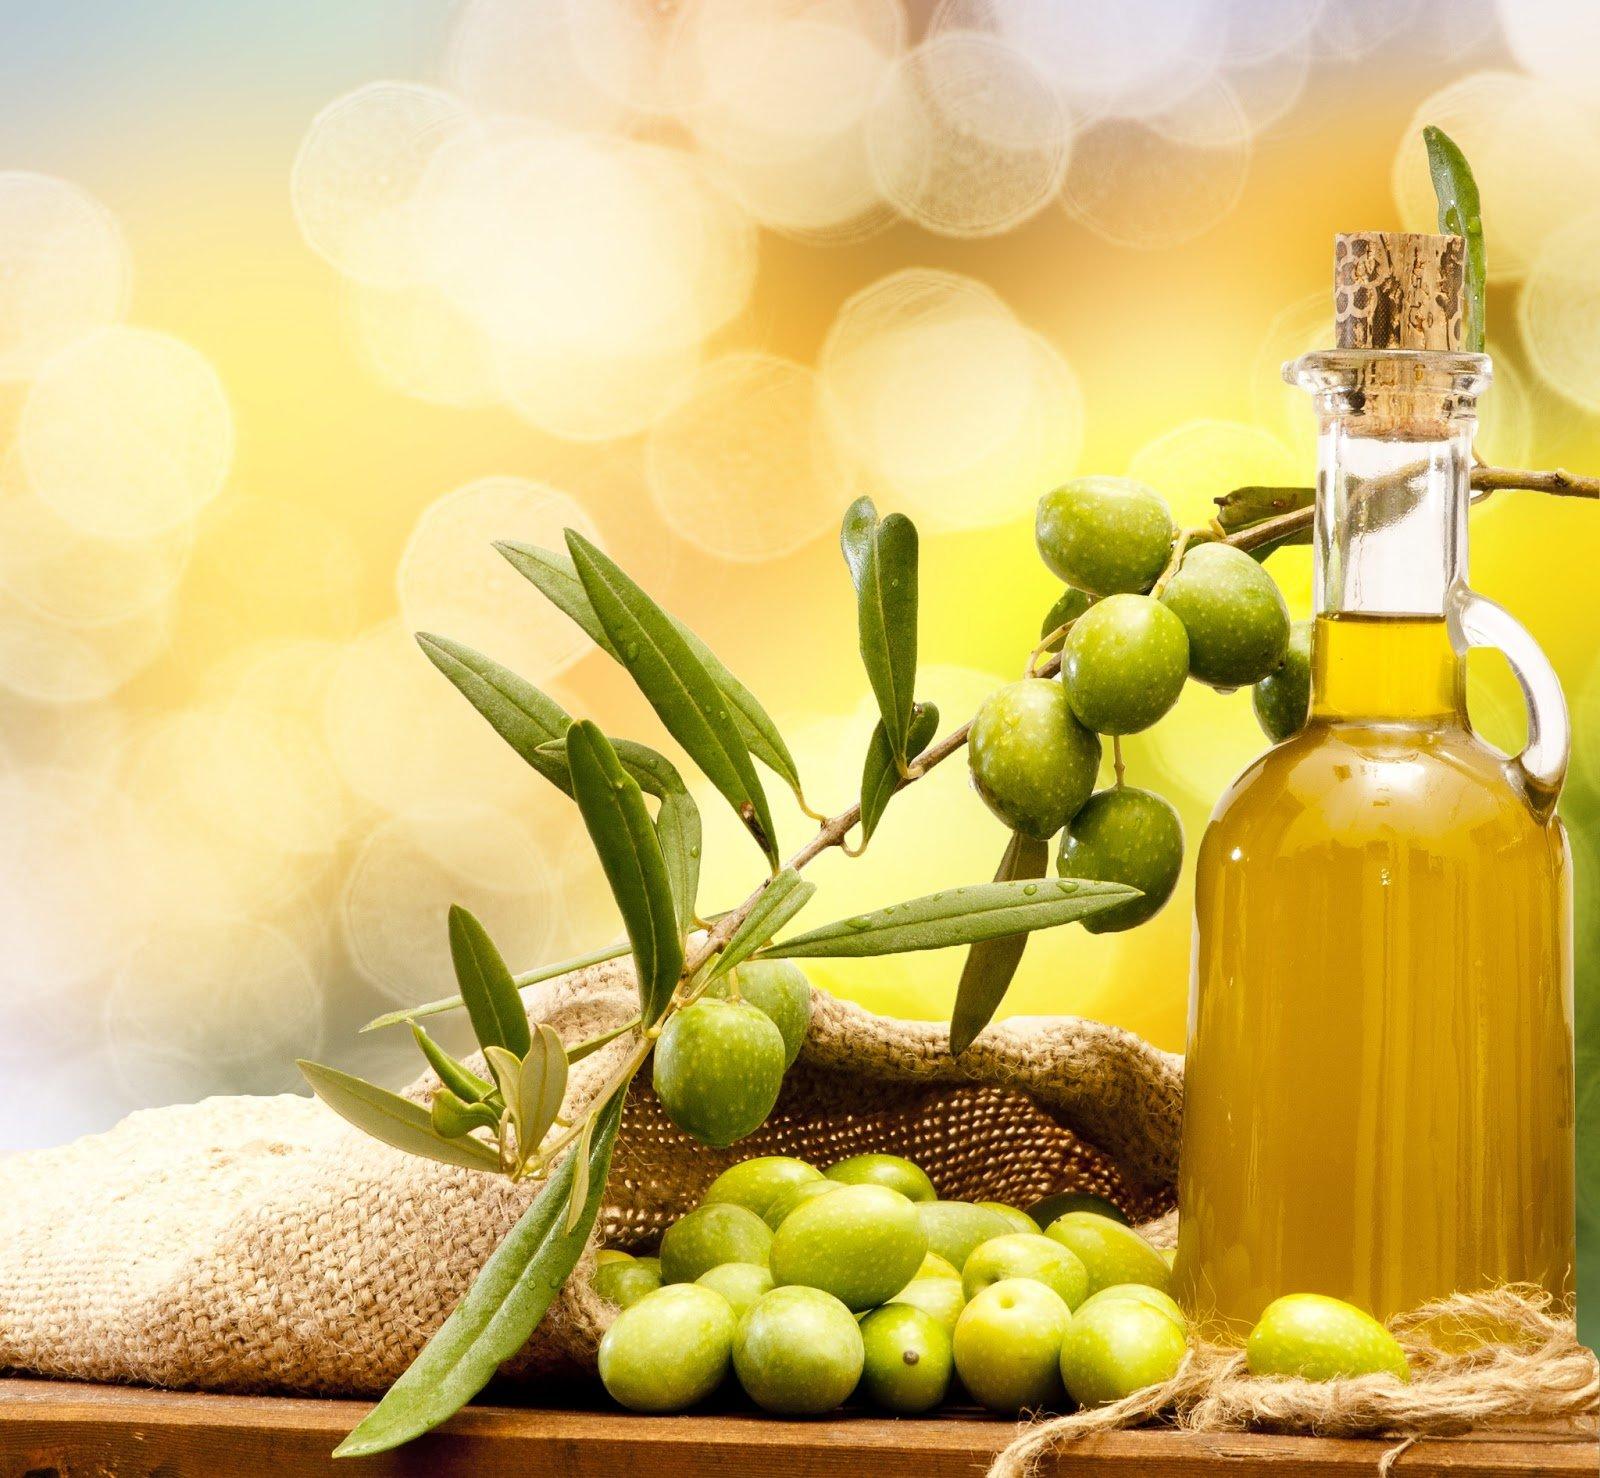 7 cách dưỡng da mặt bằng dầu oliu đơn giản hiệu quả 2